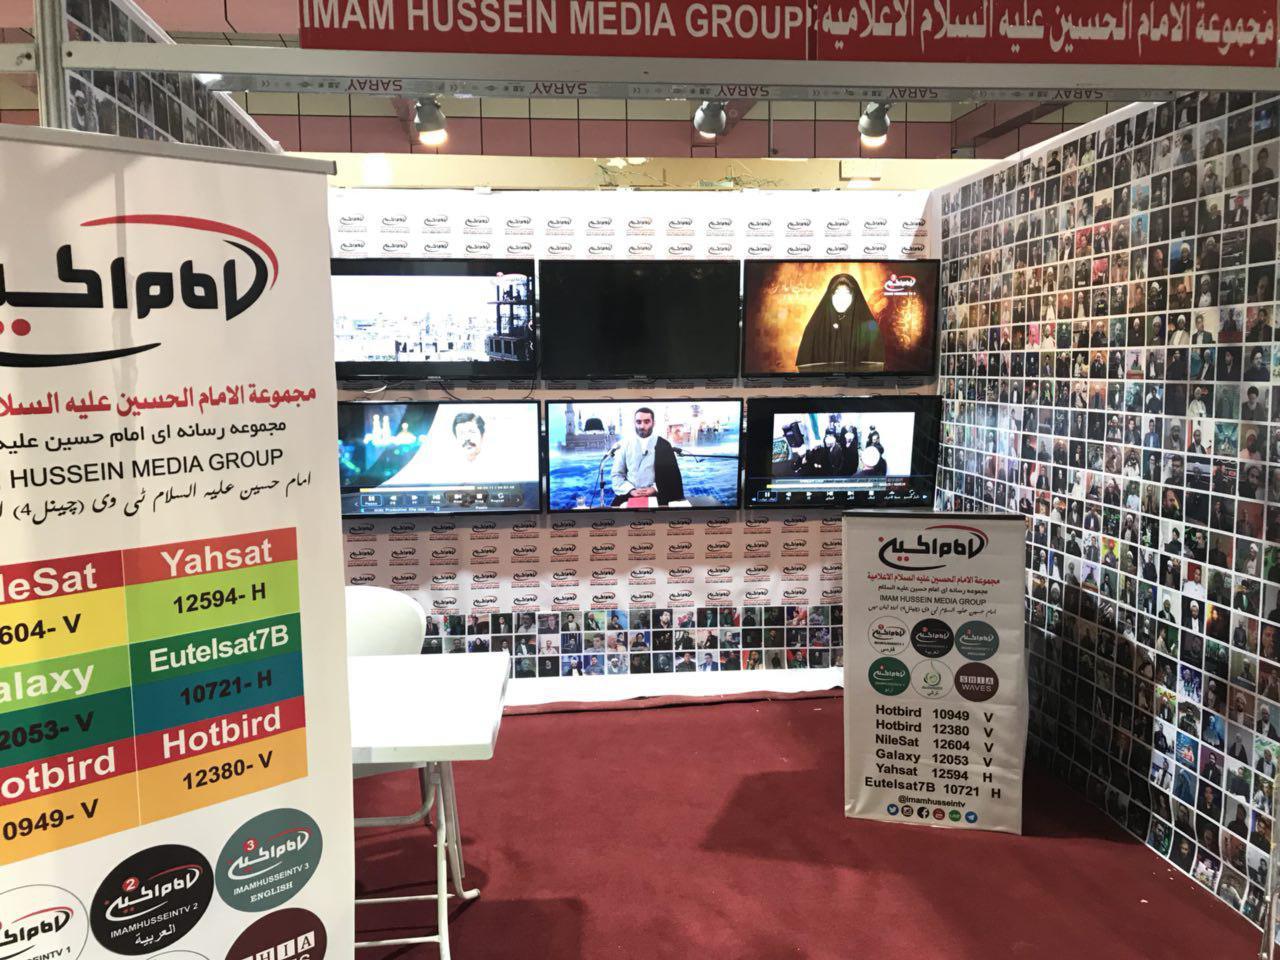 تصویر حضور مجموعه رسانهای امام حسین علیه السلام در چهل وچهارمين دوره نمایشگاه بین المللی بغداد